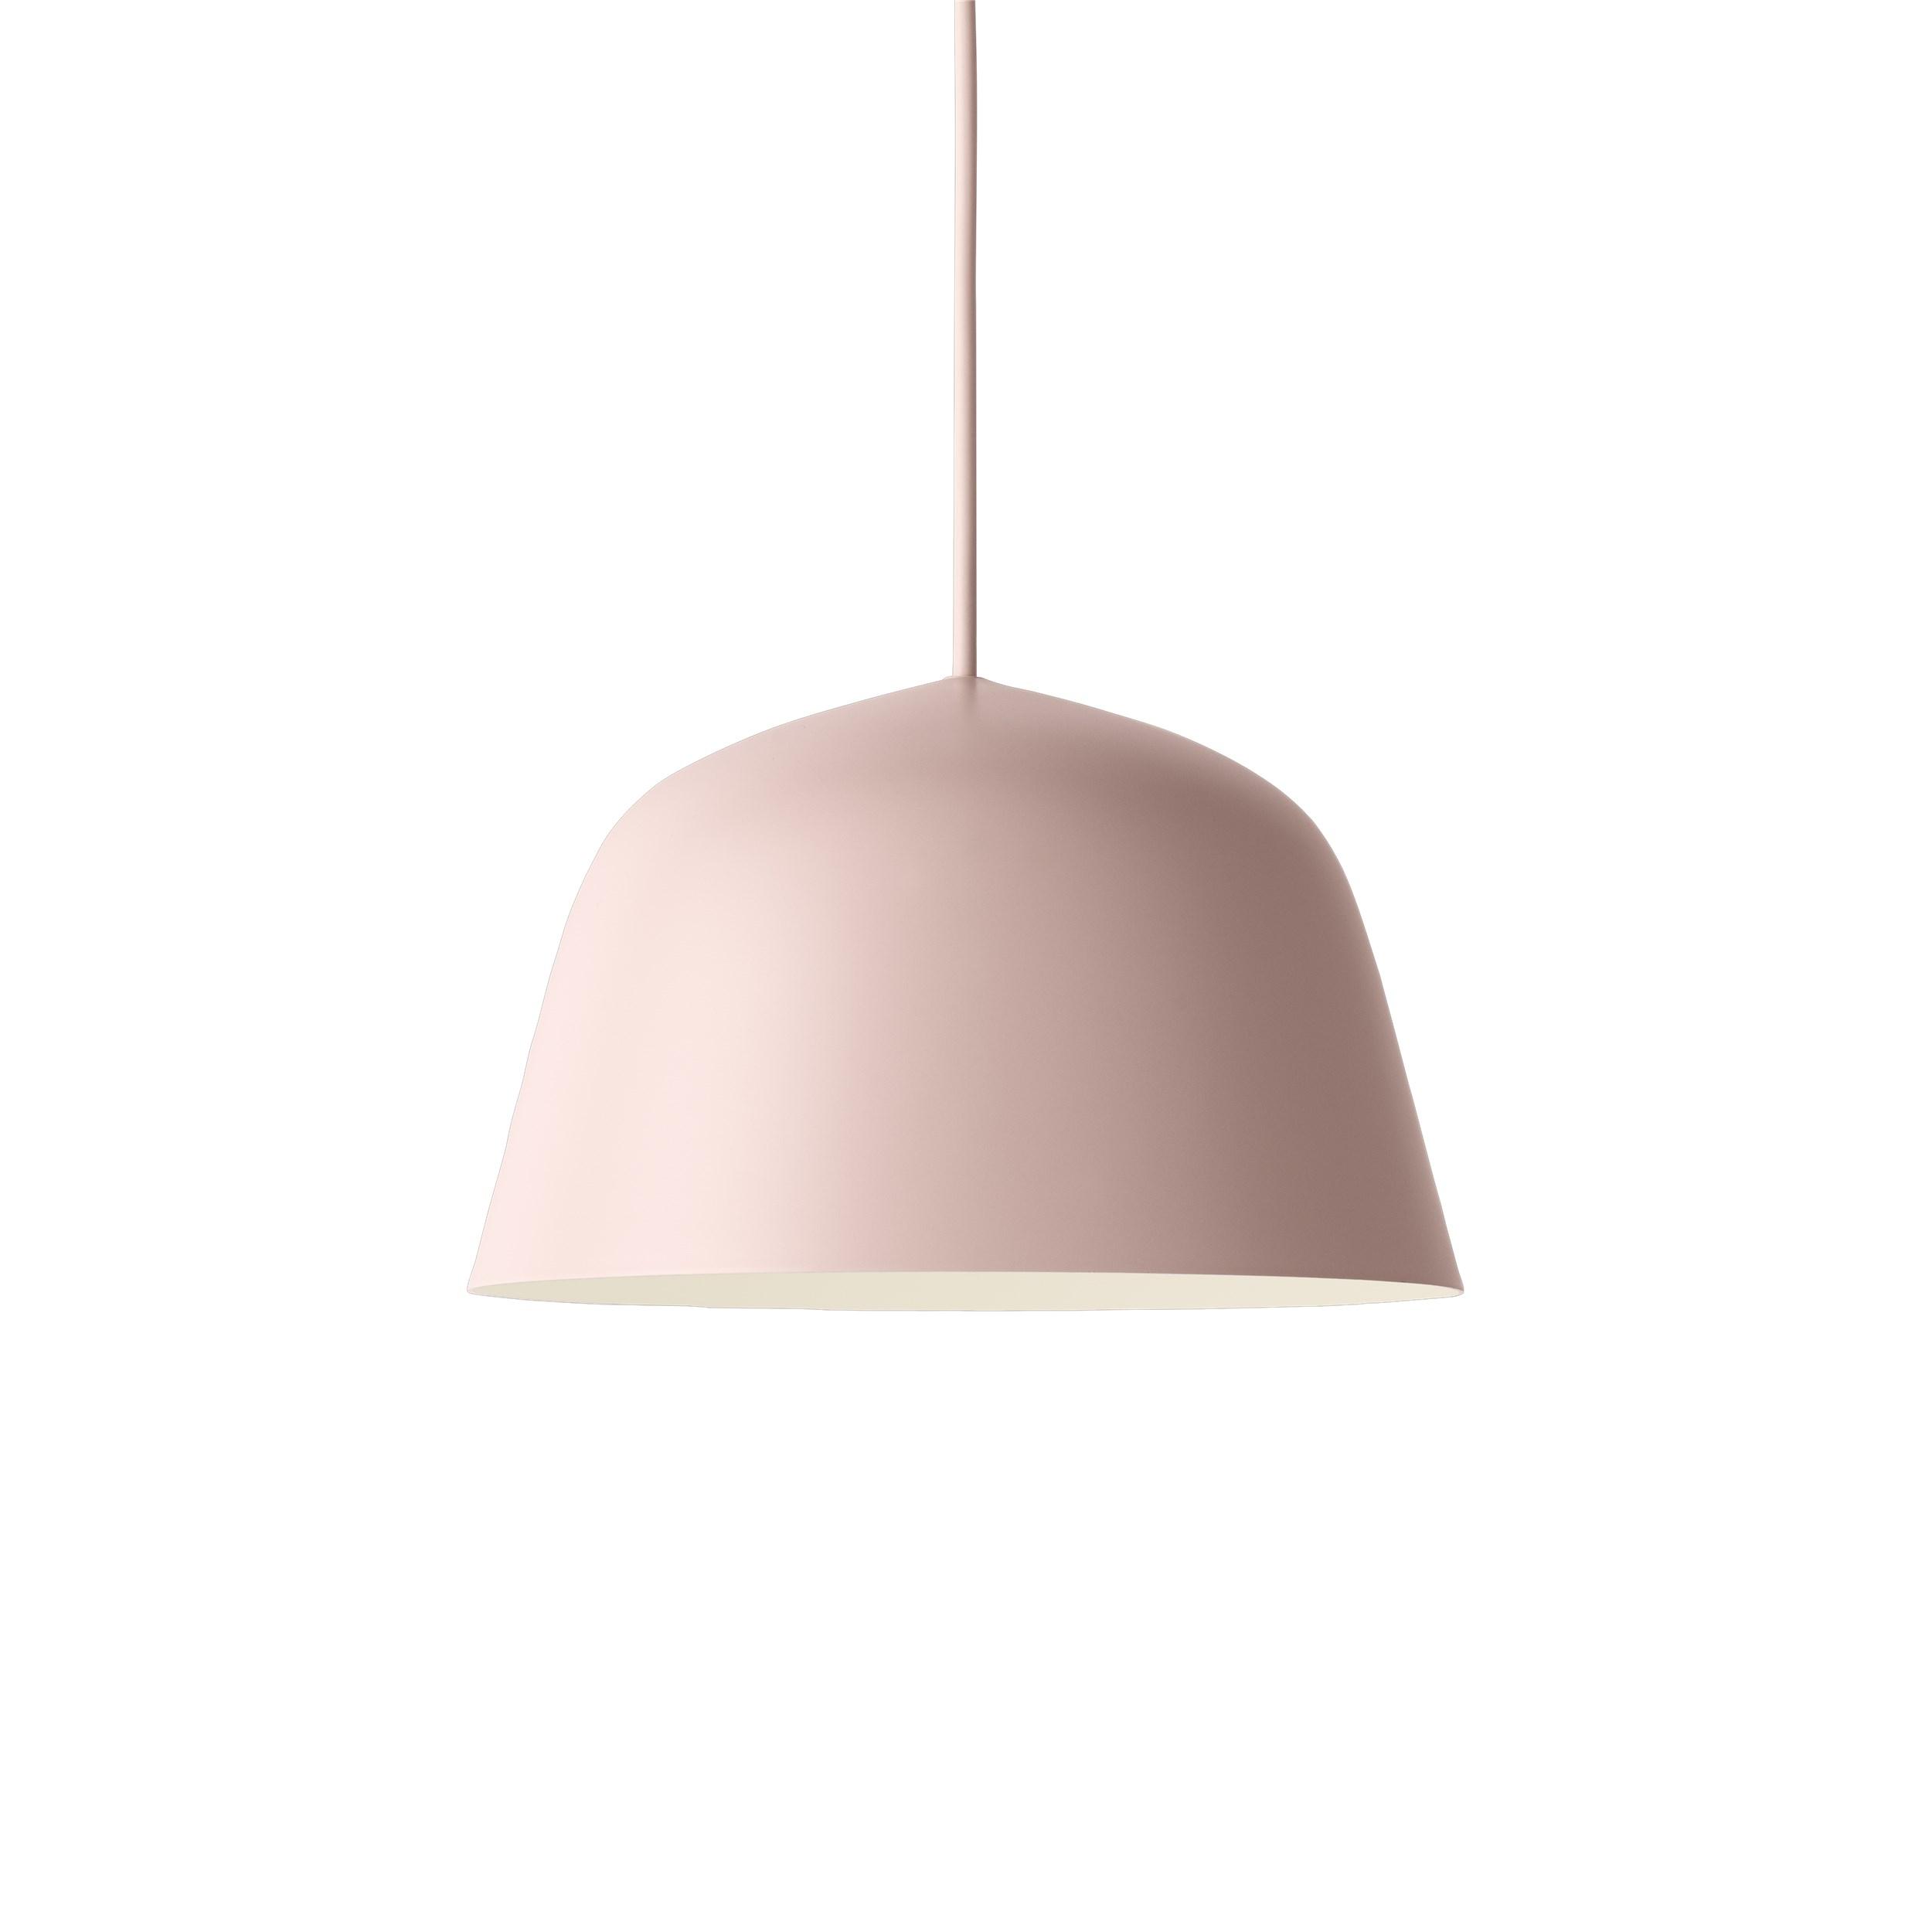 Ambit lamp 25 cm rose